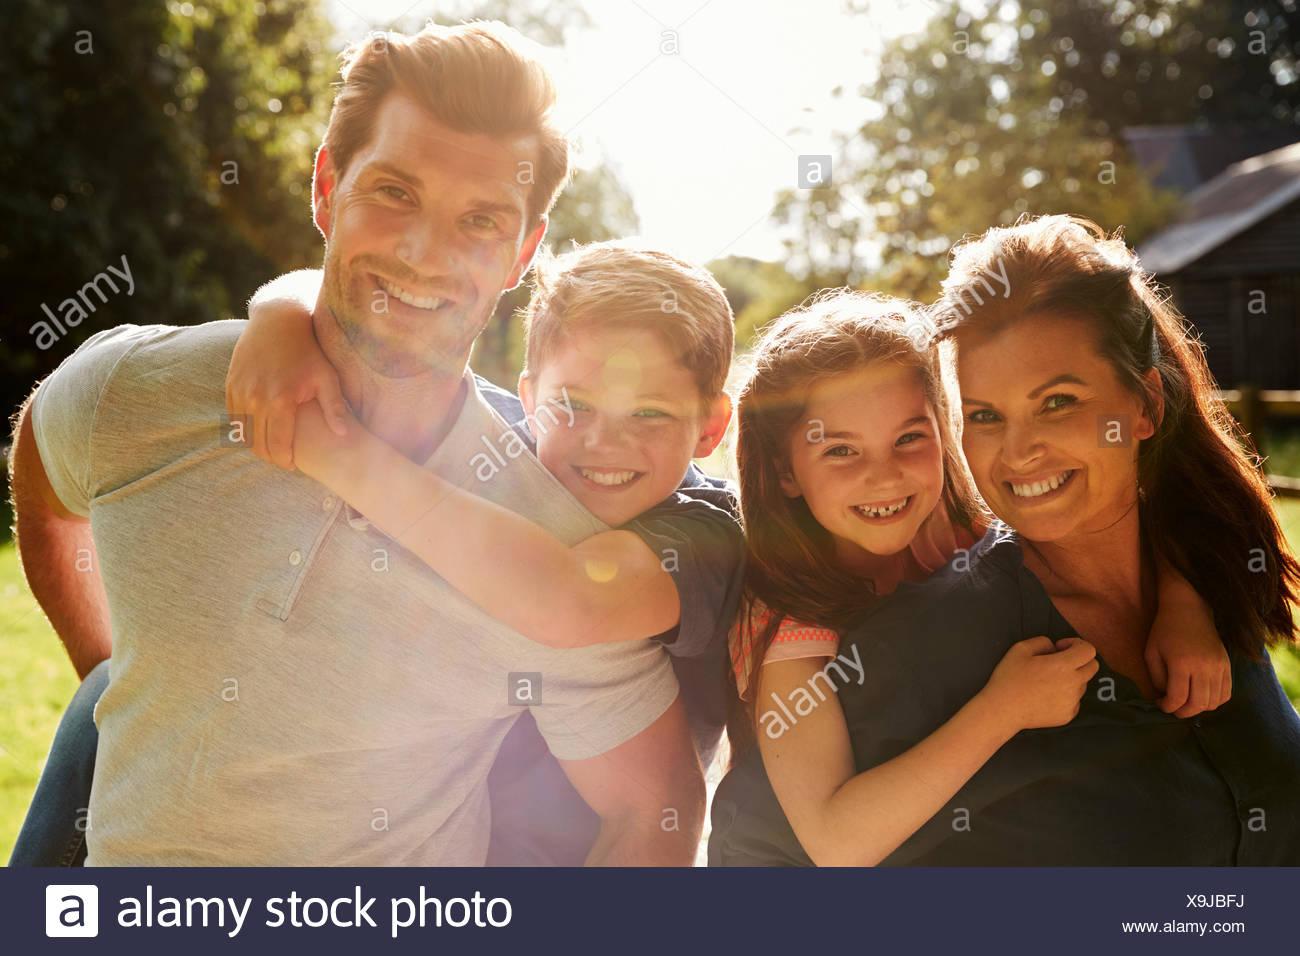 Portrait Of Parents Giving Children Piggyback In Garden - Stock Image